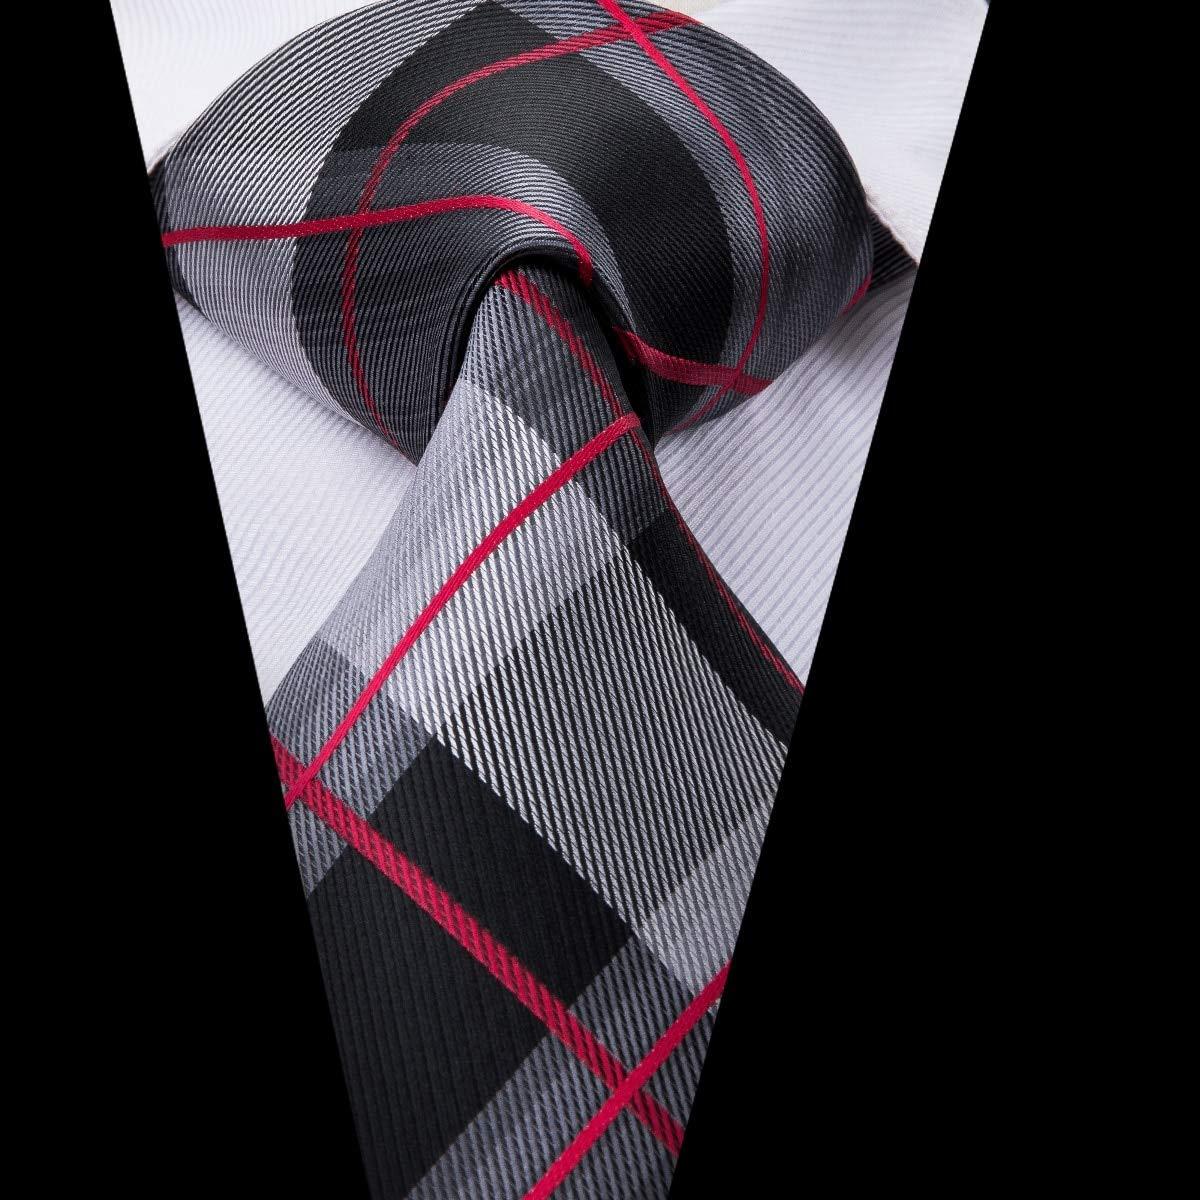 AK Corbata de corbata de seda para hombre Corbata de seda a rayas ...